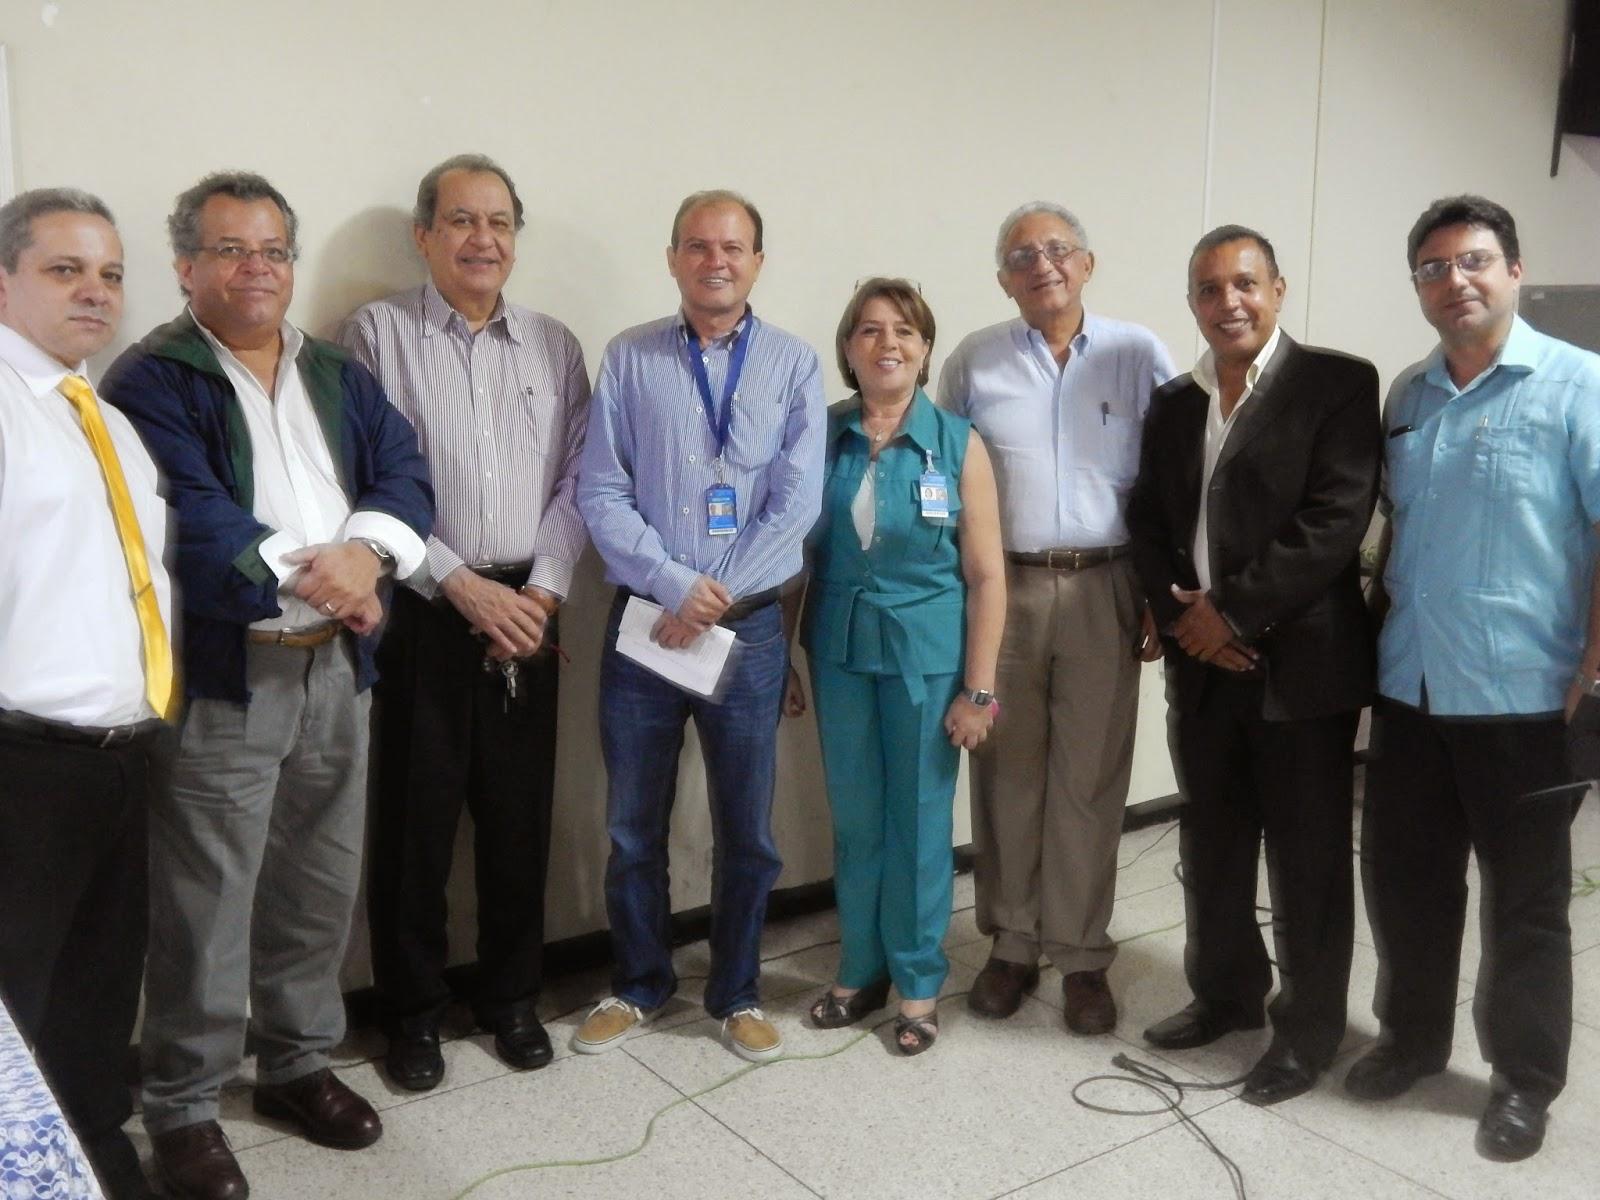 Dr Hector Parra, Conversacion,Medios,Comunicacion